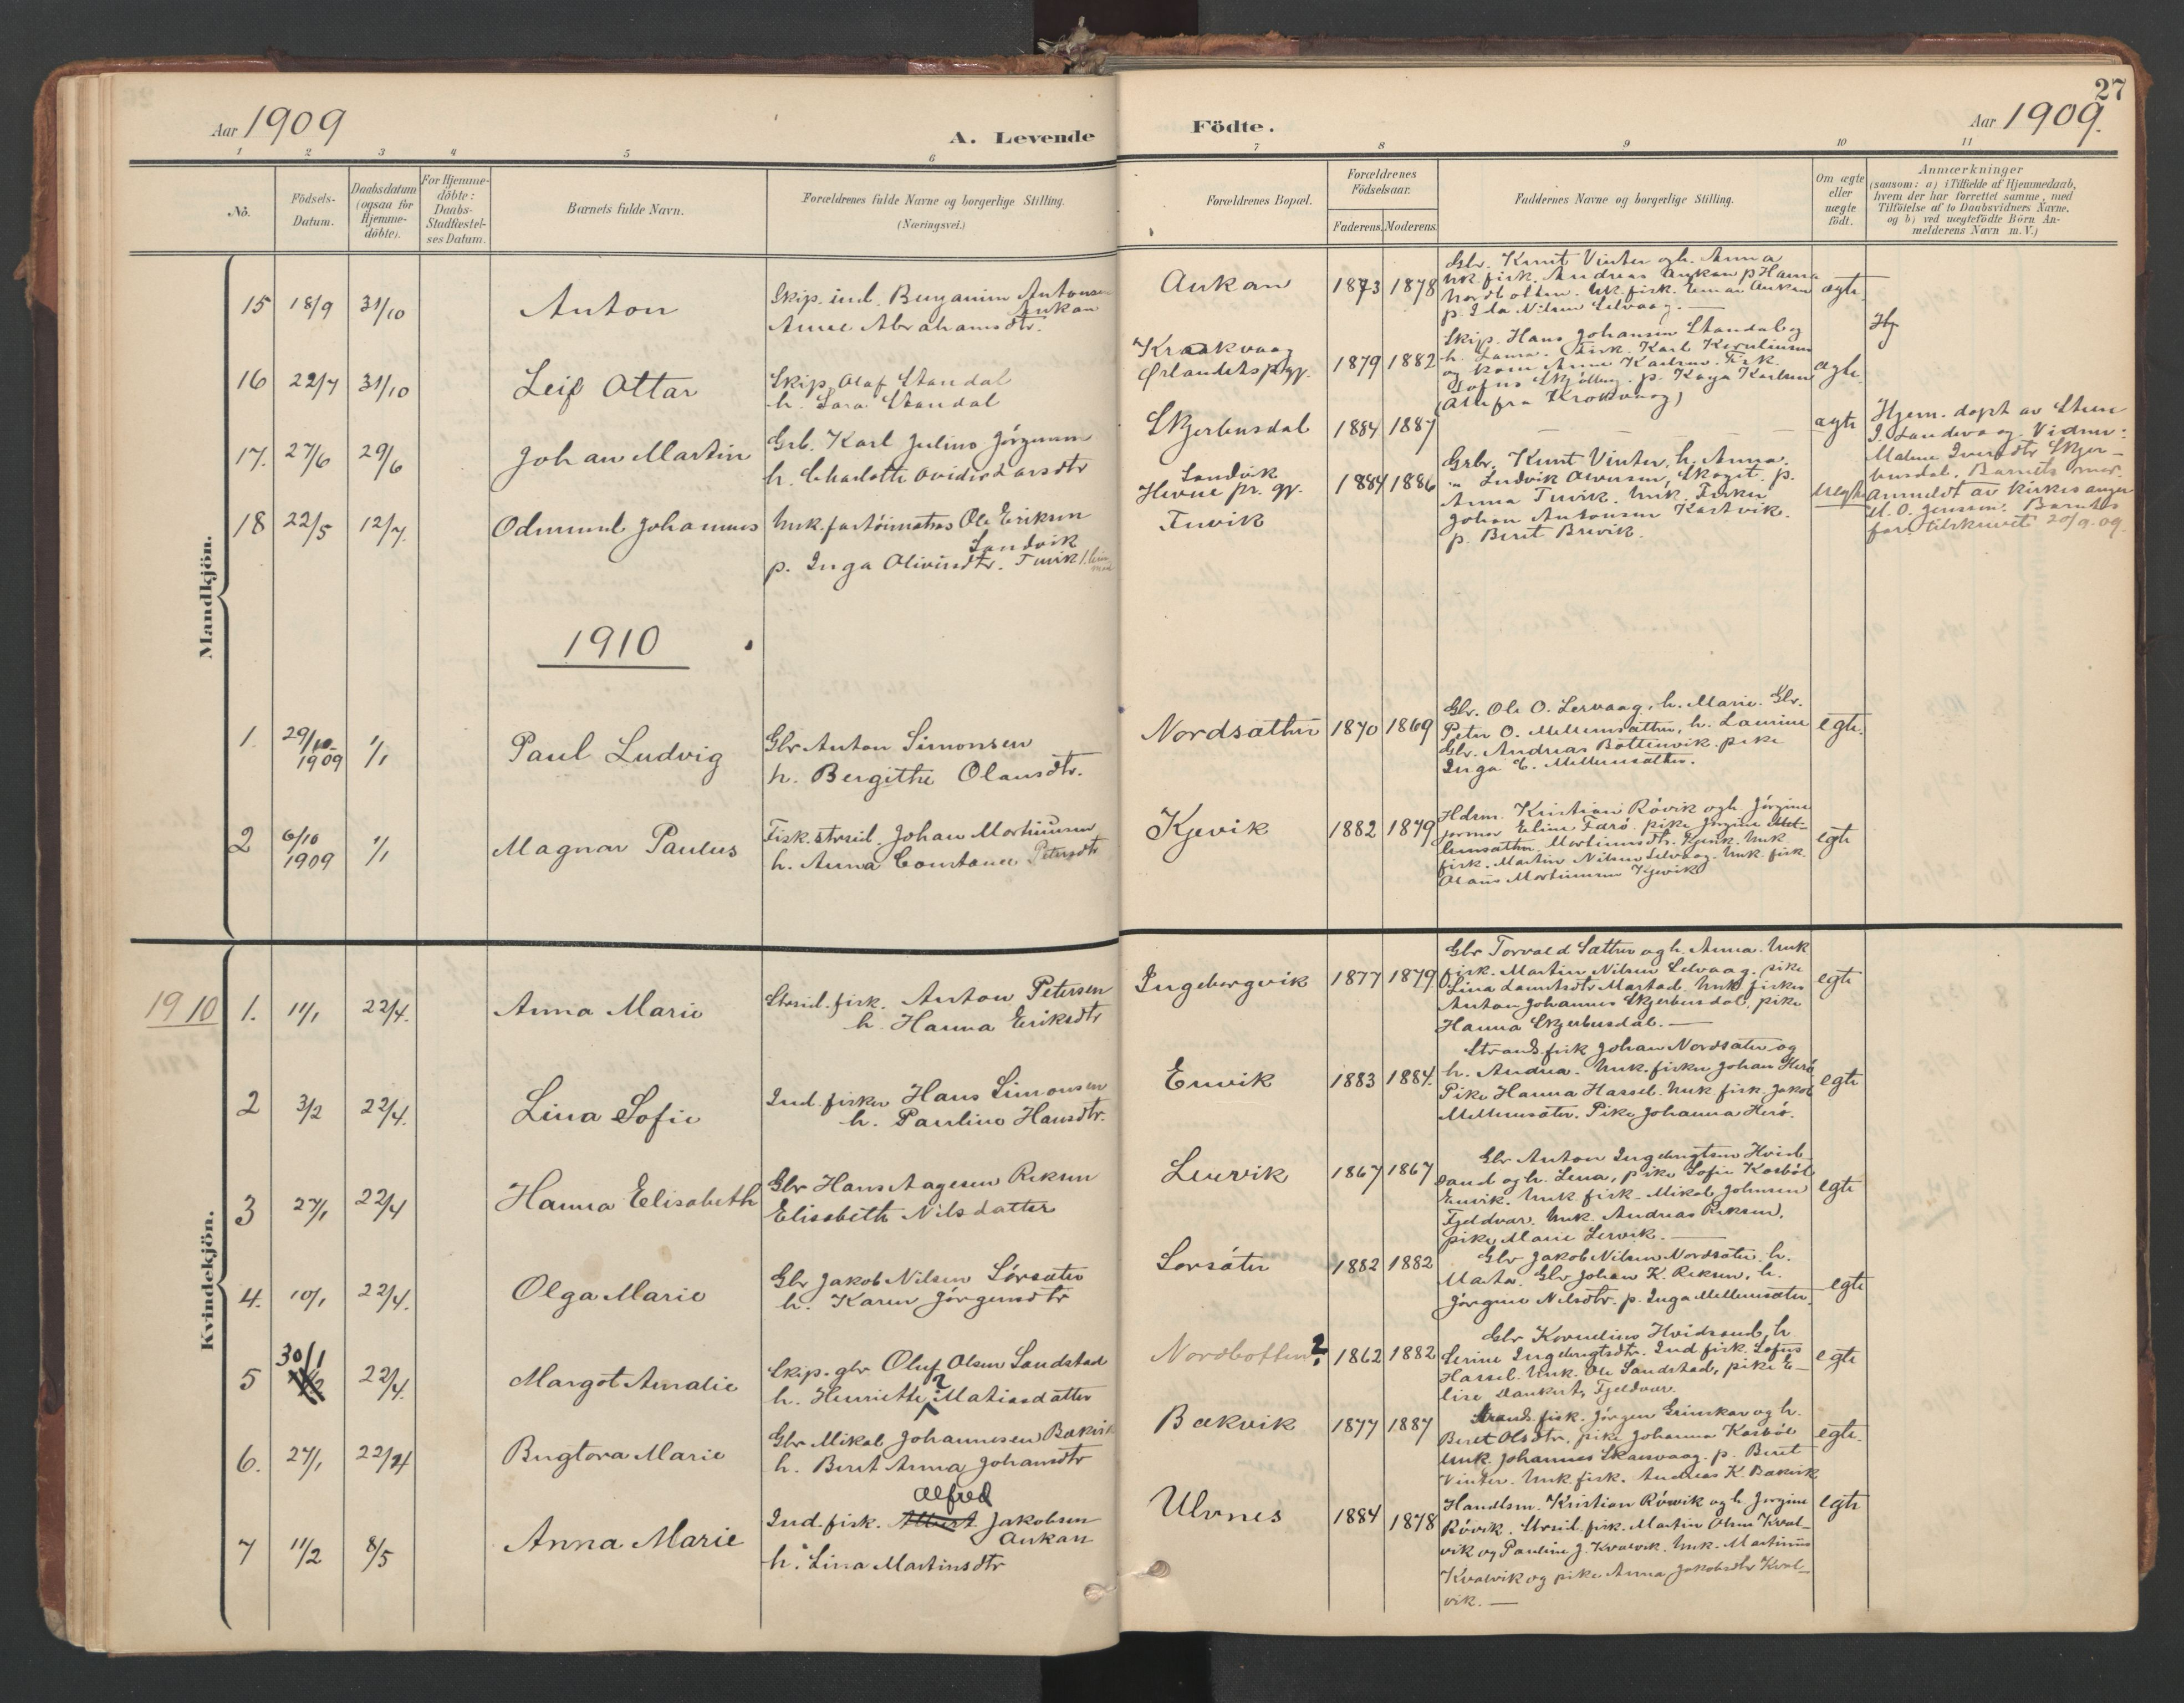 SAT, Ministerialprotokoller, klokkerbøker og fødselsregistre - Sør-Trøndelag, 638/L0568: Ministerialbok nr. 638A01, 1901-1916, s. 27